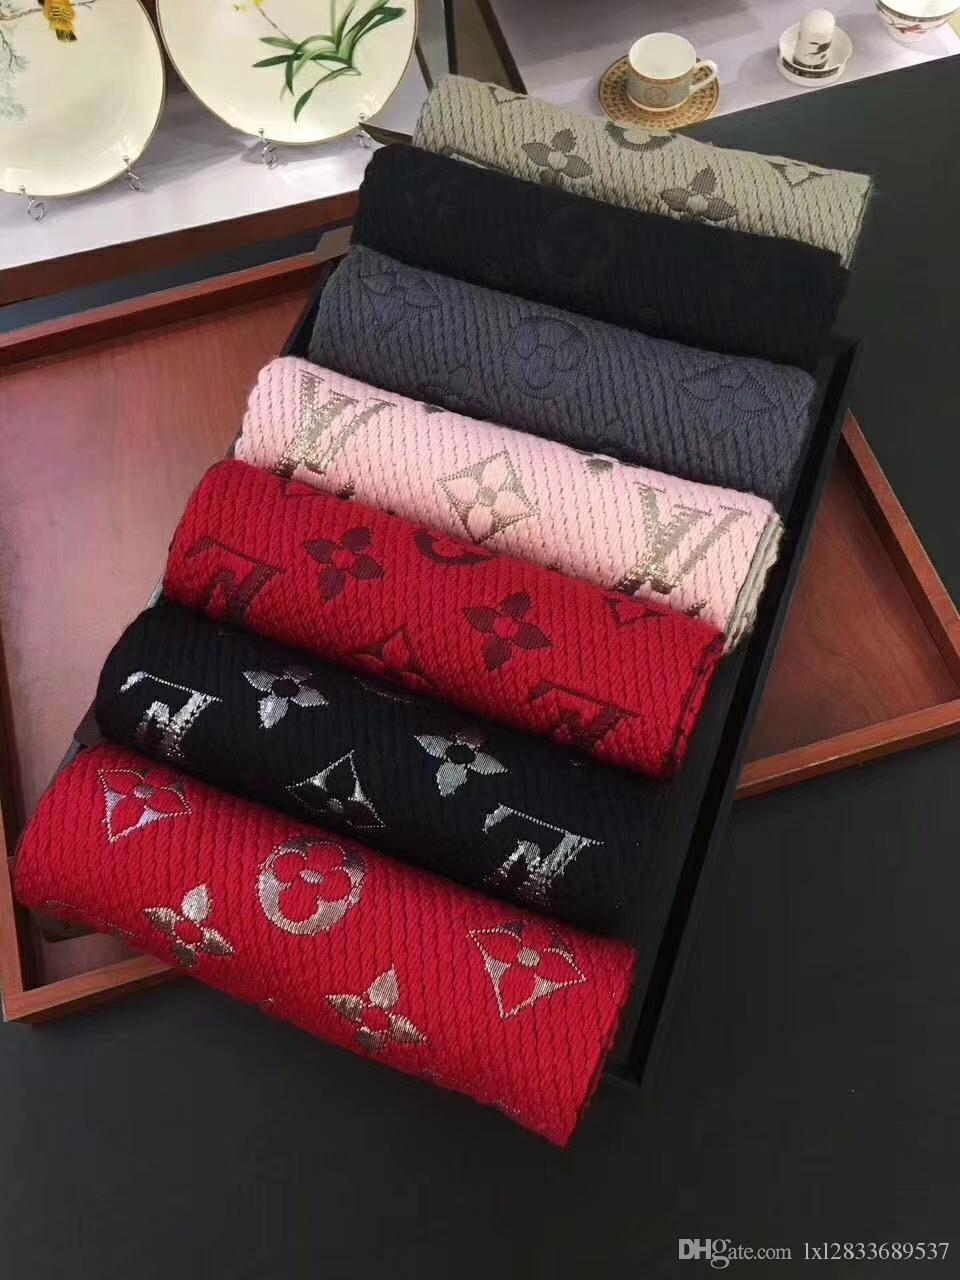 2019 nova lã grossa misturada lenço da forma de borla longo xale 7 lenço cor para casais 180 centímetros * 30 centímetros